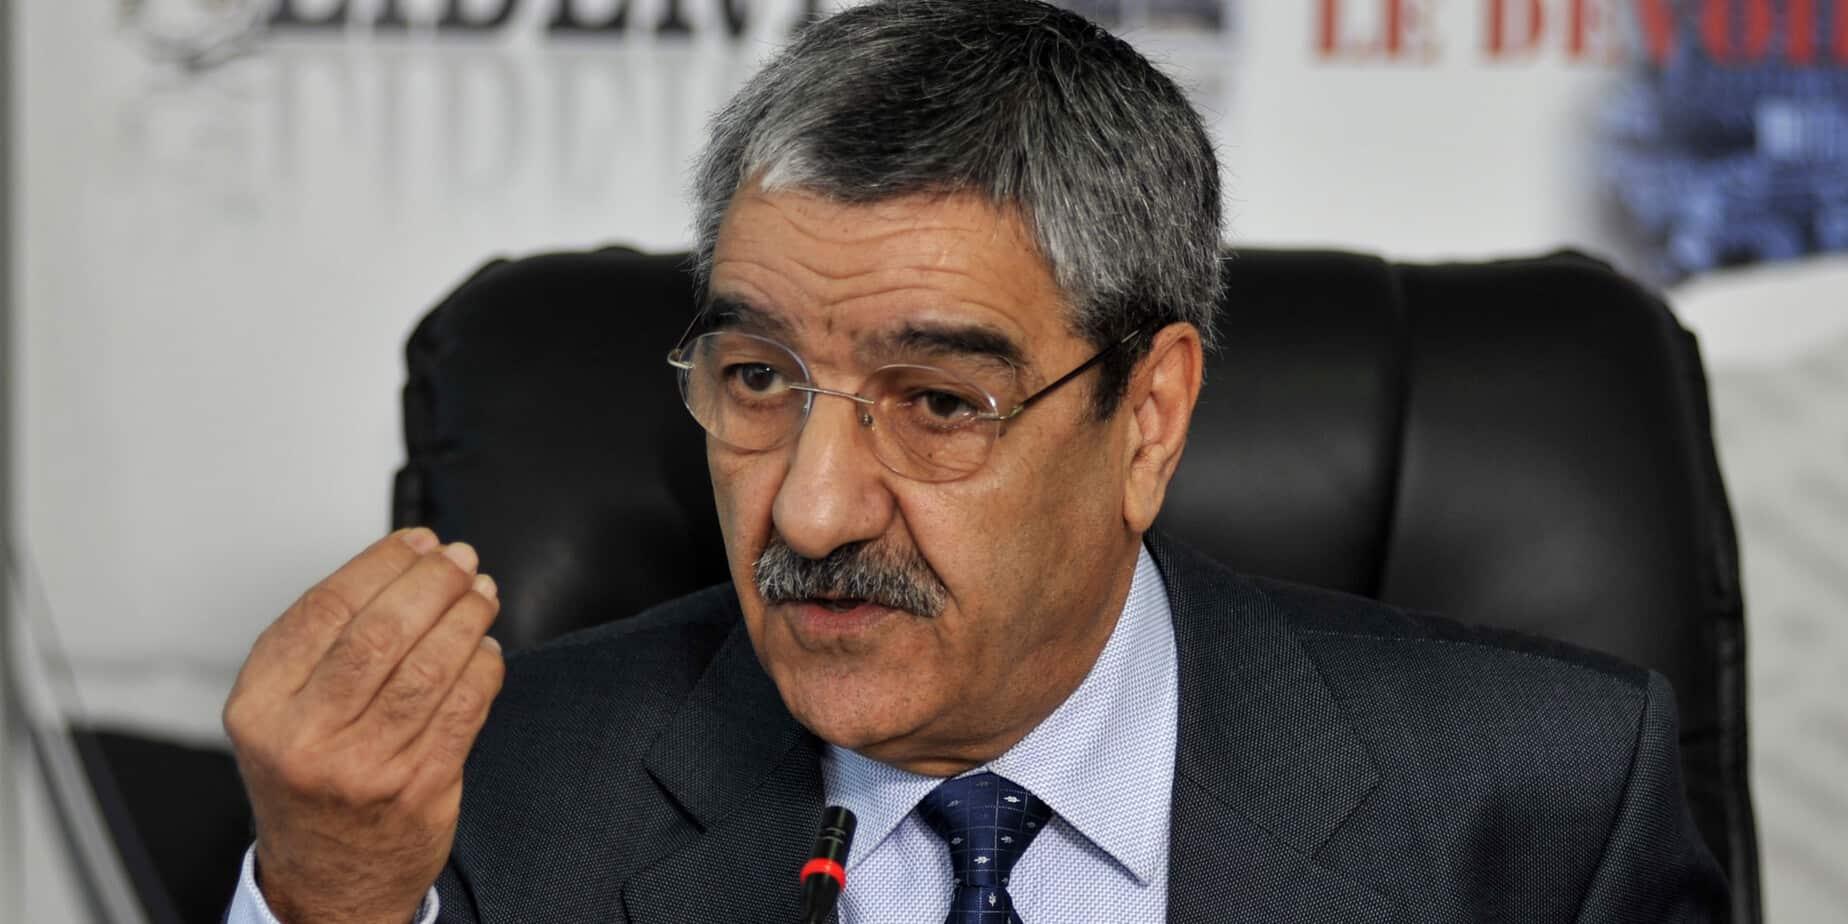 سخرية واسعة من سياسي جزائري تحدث عن التربية الدينية وهاجم الإسلاميين